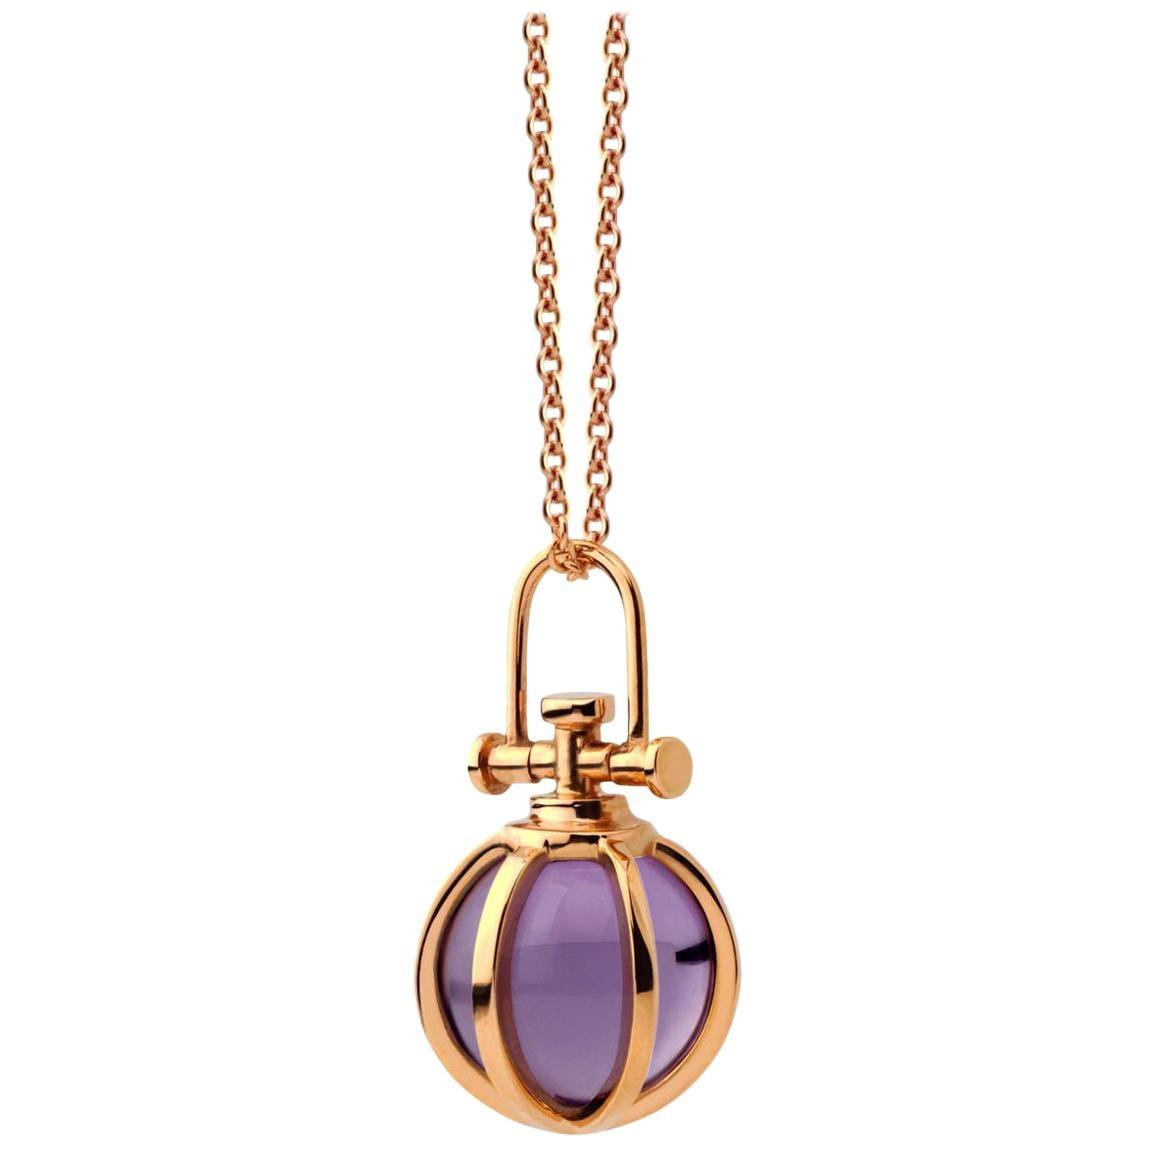 Modern Sacred 18 Karat Gold Crystal Orb Amulet Necklace with Natural Amethyst